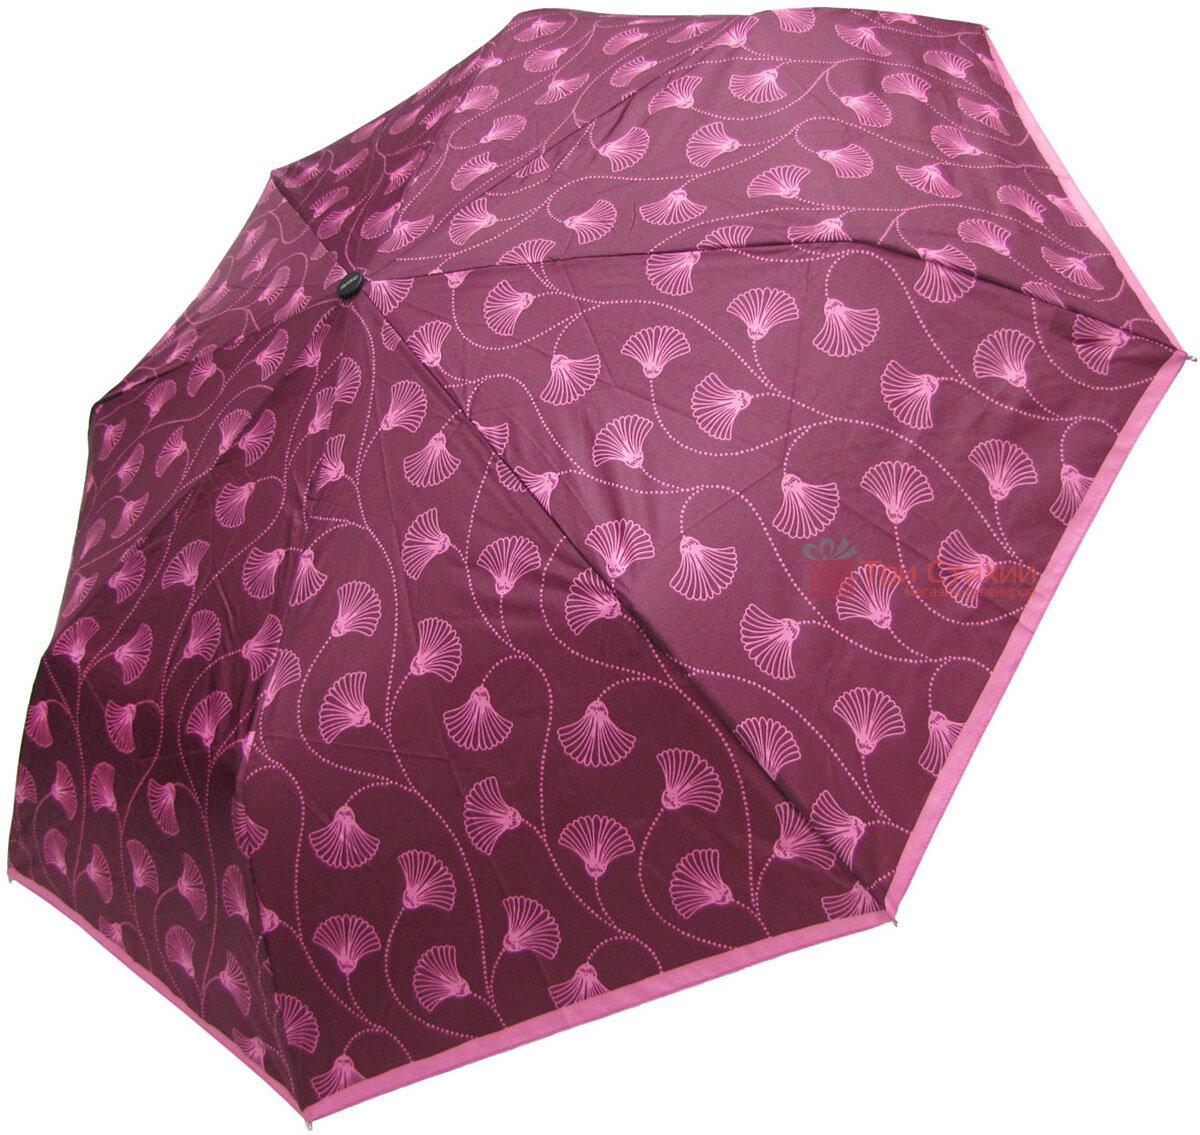 Зонт складной Doppler 7301653003-3 полуавтомат Бордовый Цветы, фото